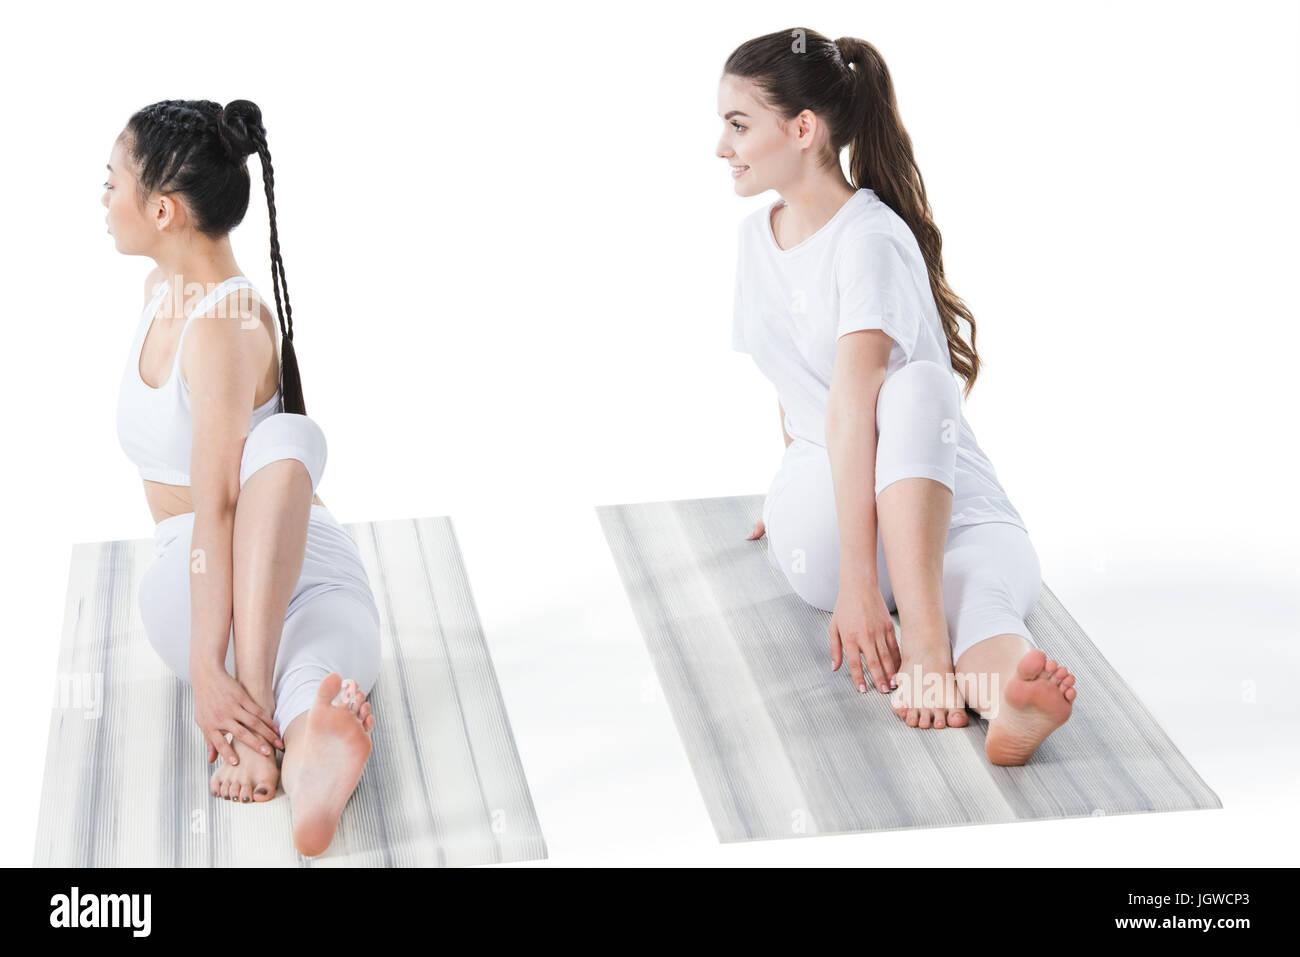 multiethnic young women doing twisting sage pose (Marichyasana) isolated on white - Stock Image